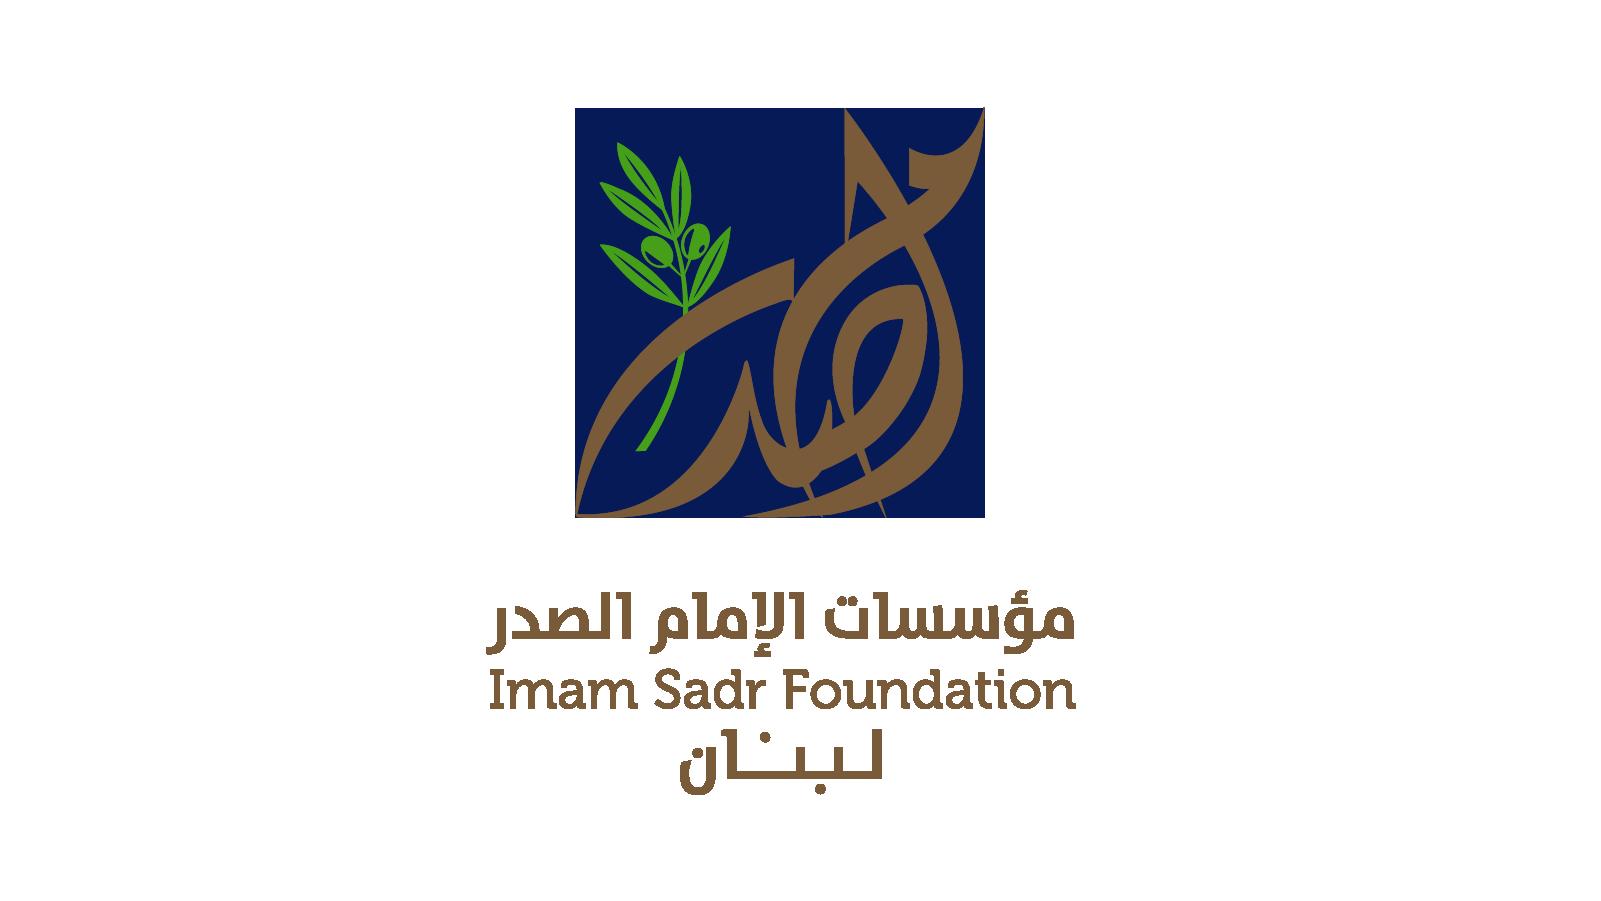 Imam Sadr Foundation